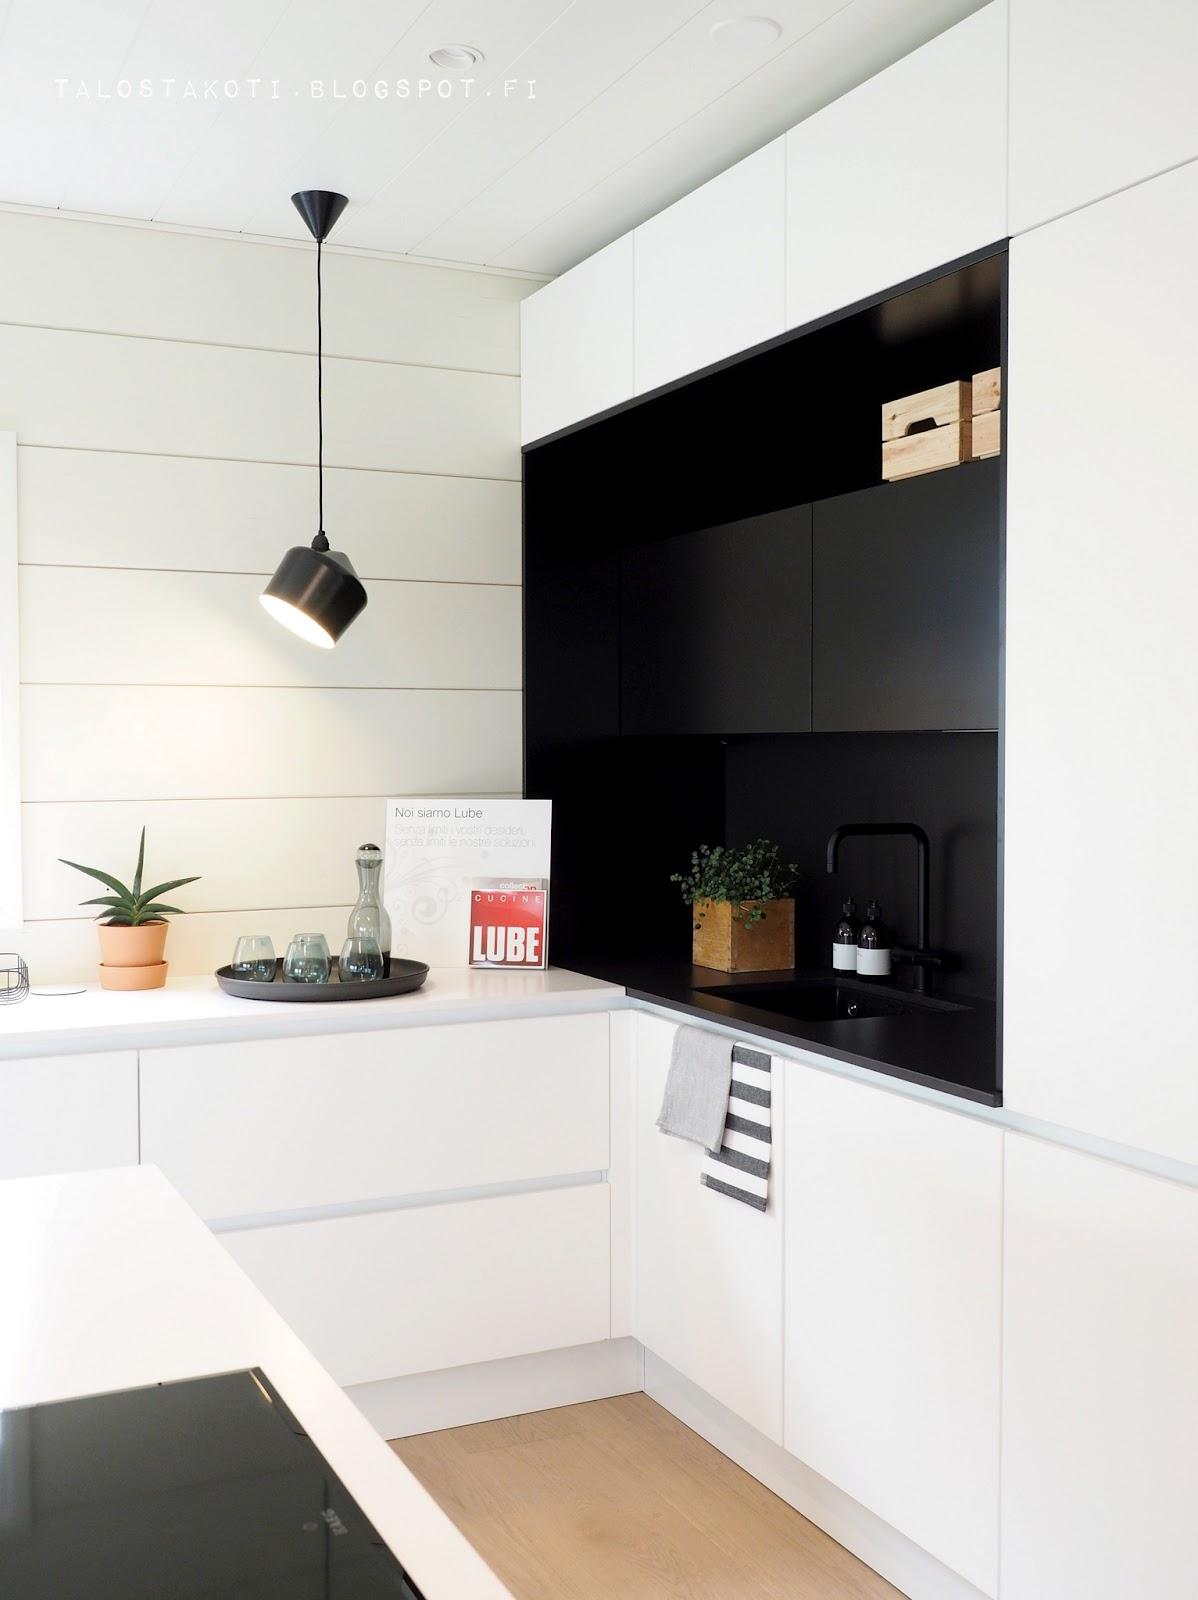 Seinäjoen asuntomessut Honka Markki keittiö Lube